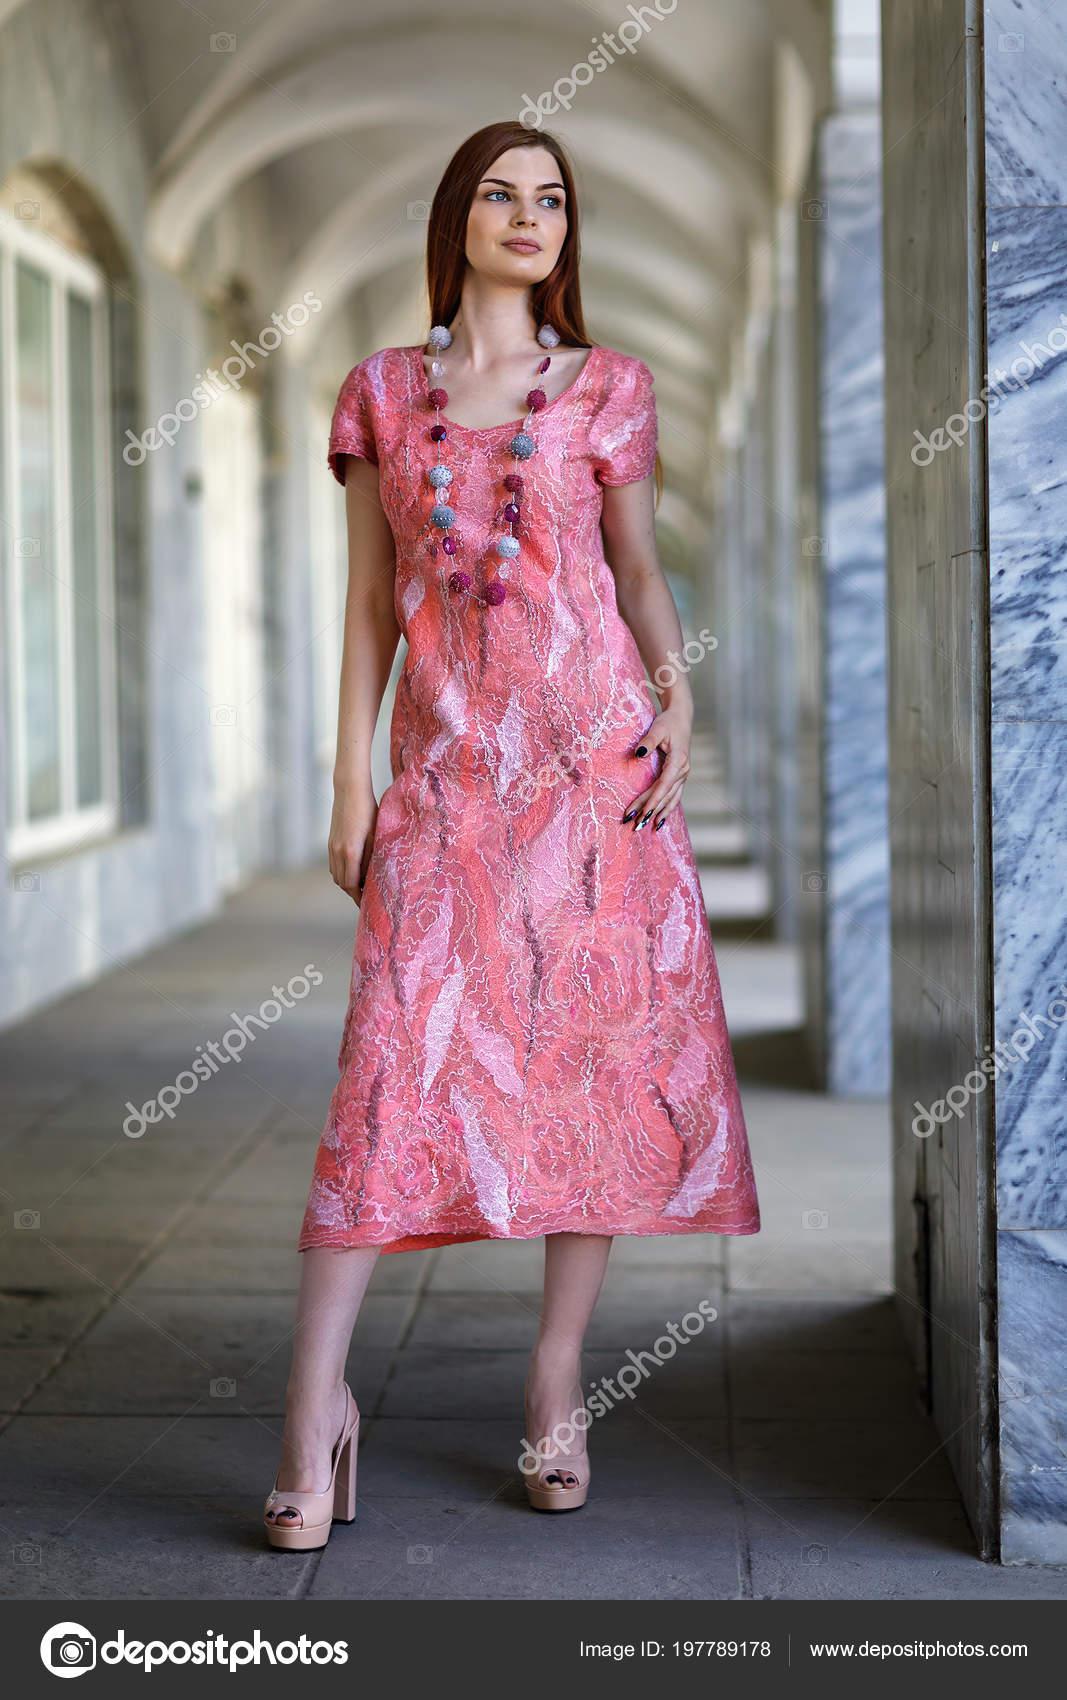 2d2c1af0c050c3 Hermosa jovencita posando en transparente vestido hecho en técnica del  autor de lana merino en la escala de color de rosa-melocotón. Modelo  muestra ropa de ...